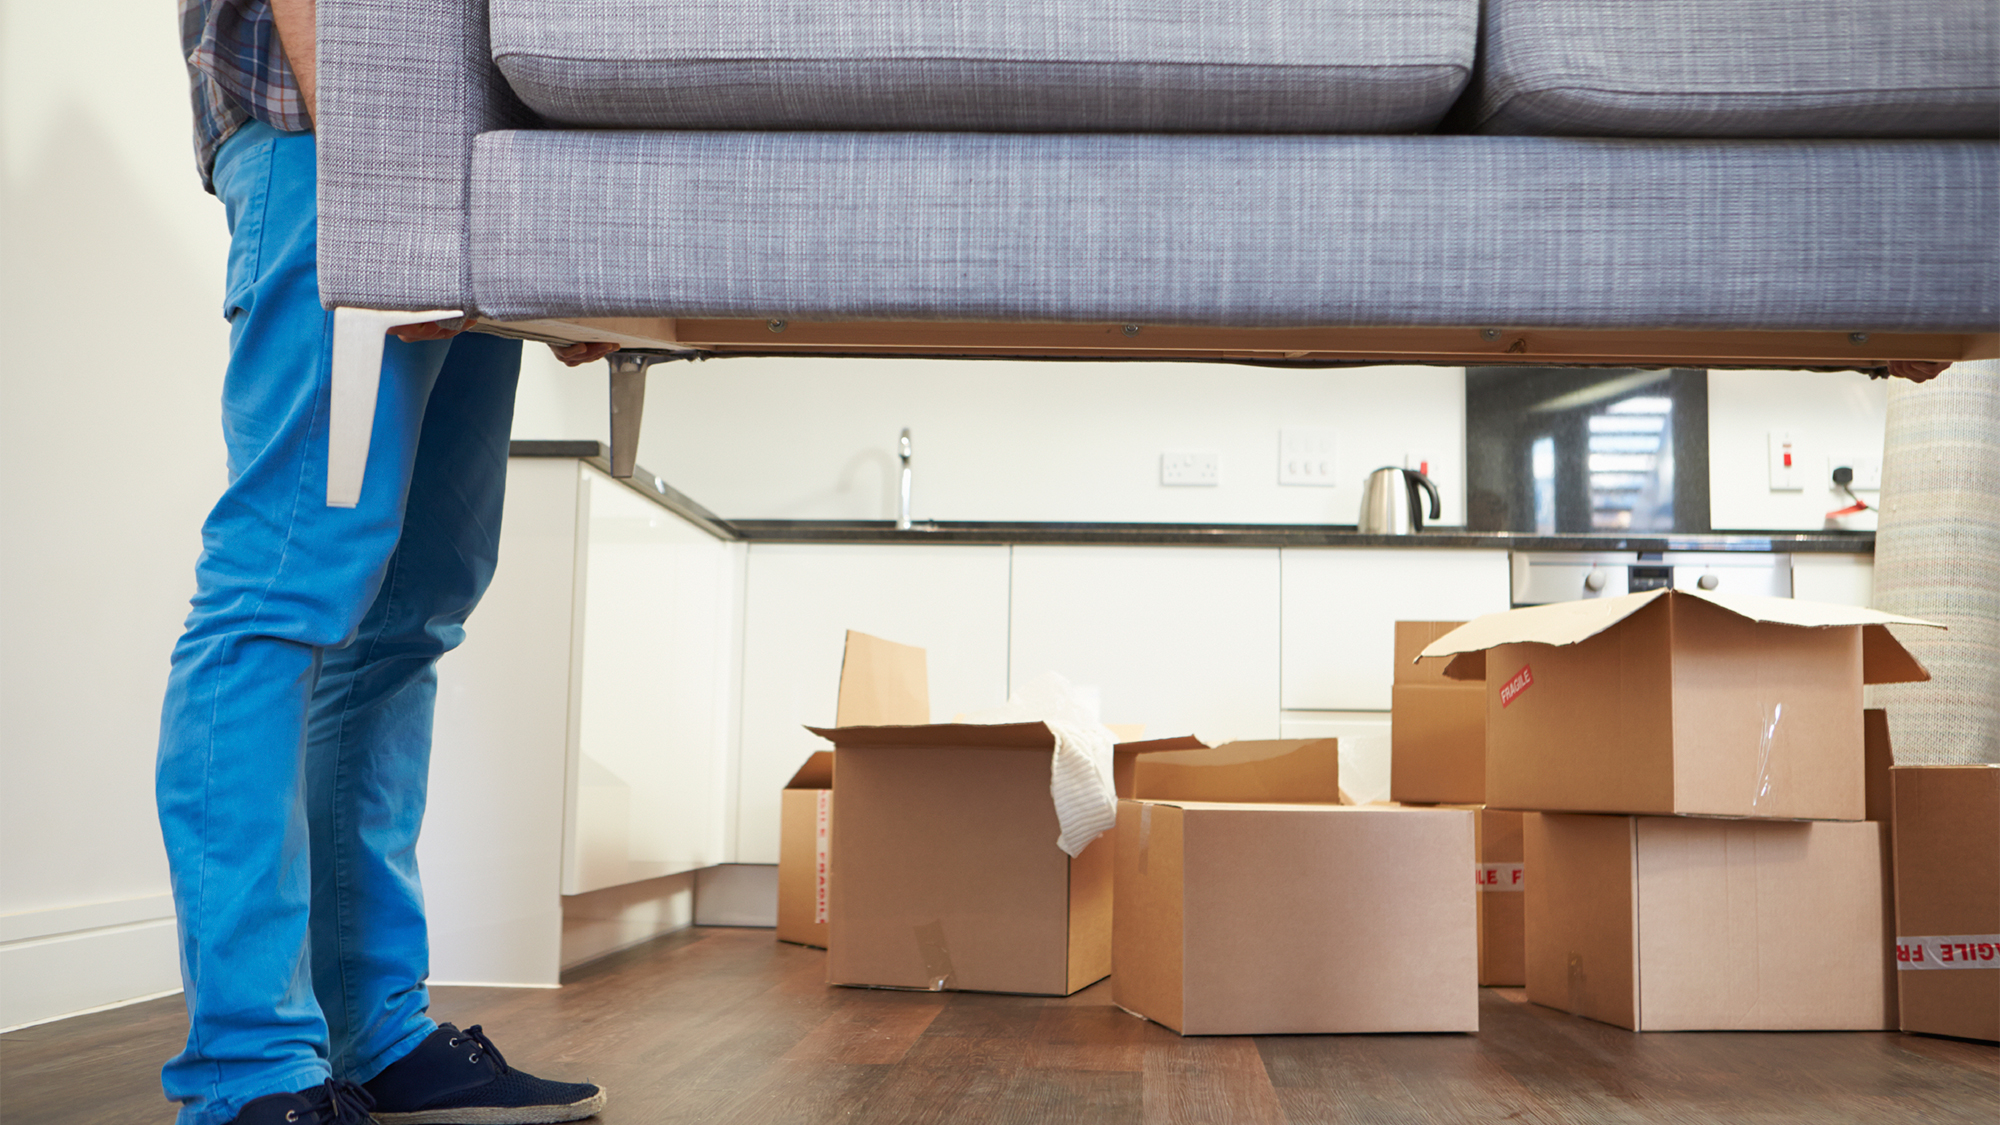 Рассказываем, какие есть варианты по хранению мебели во время проведения ремонта.